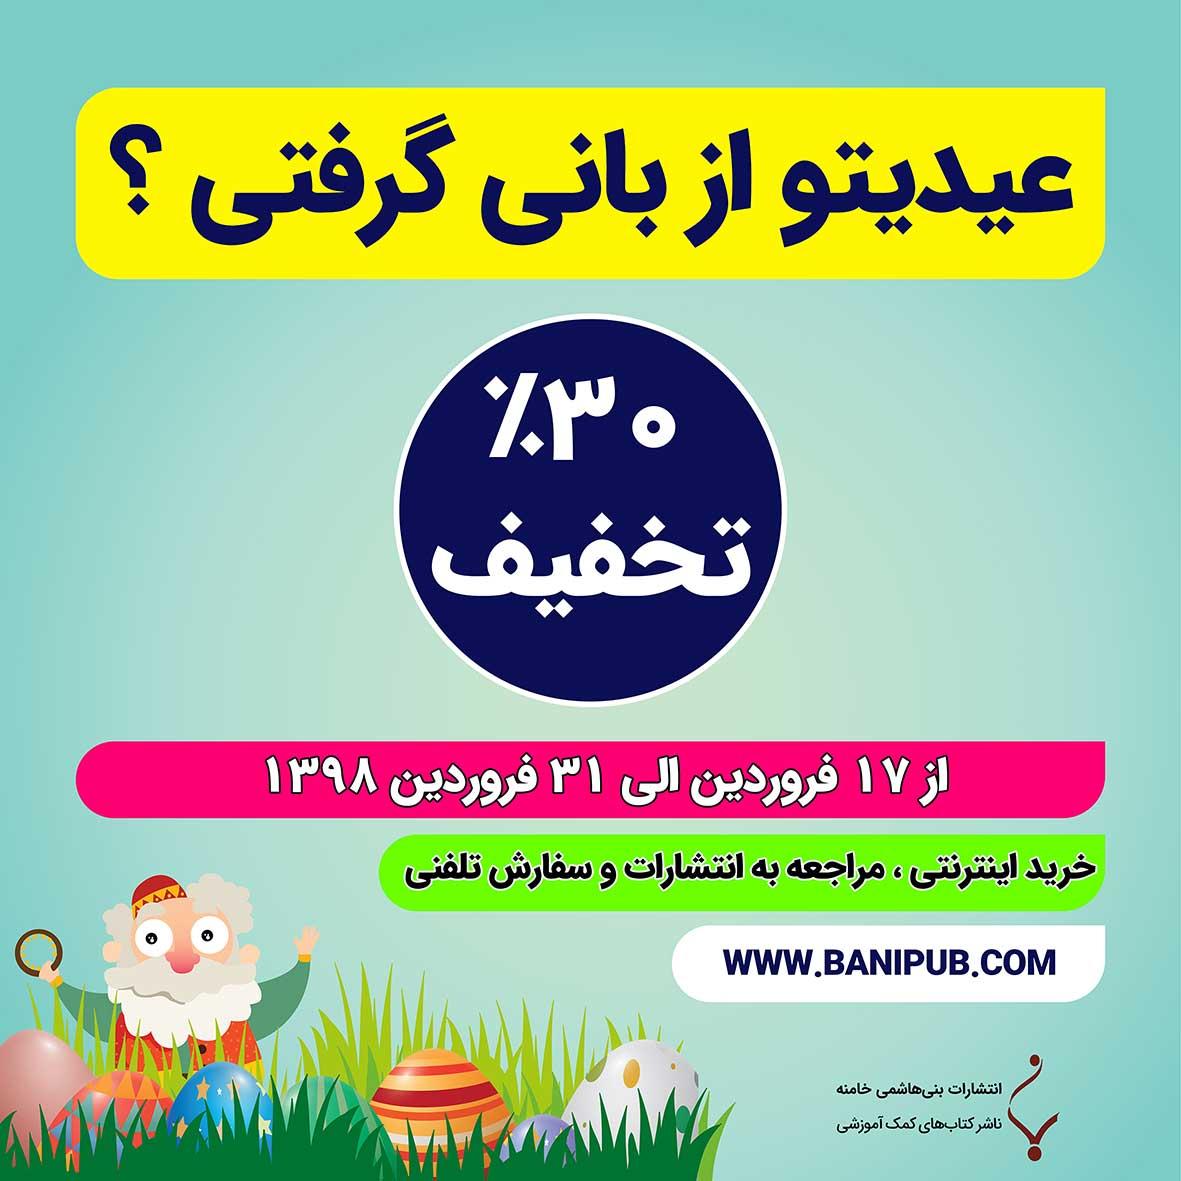 جشنواره تخفیف عیدانه 1398 - انتشارات بنی هاشمی خامنه